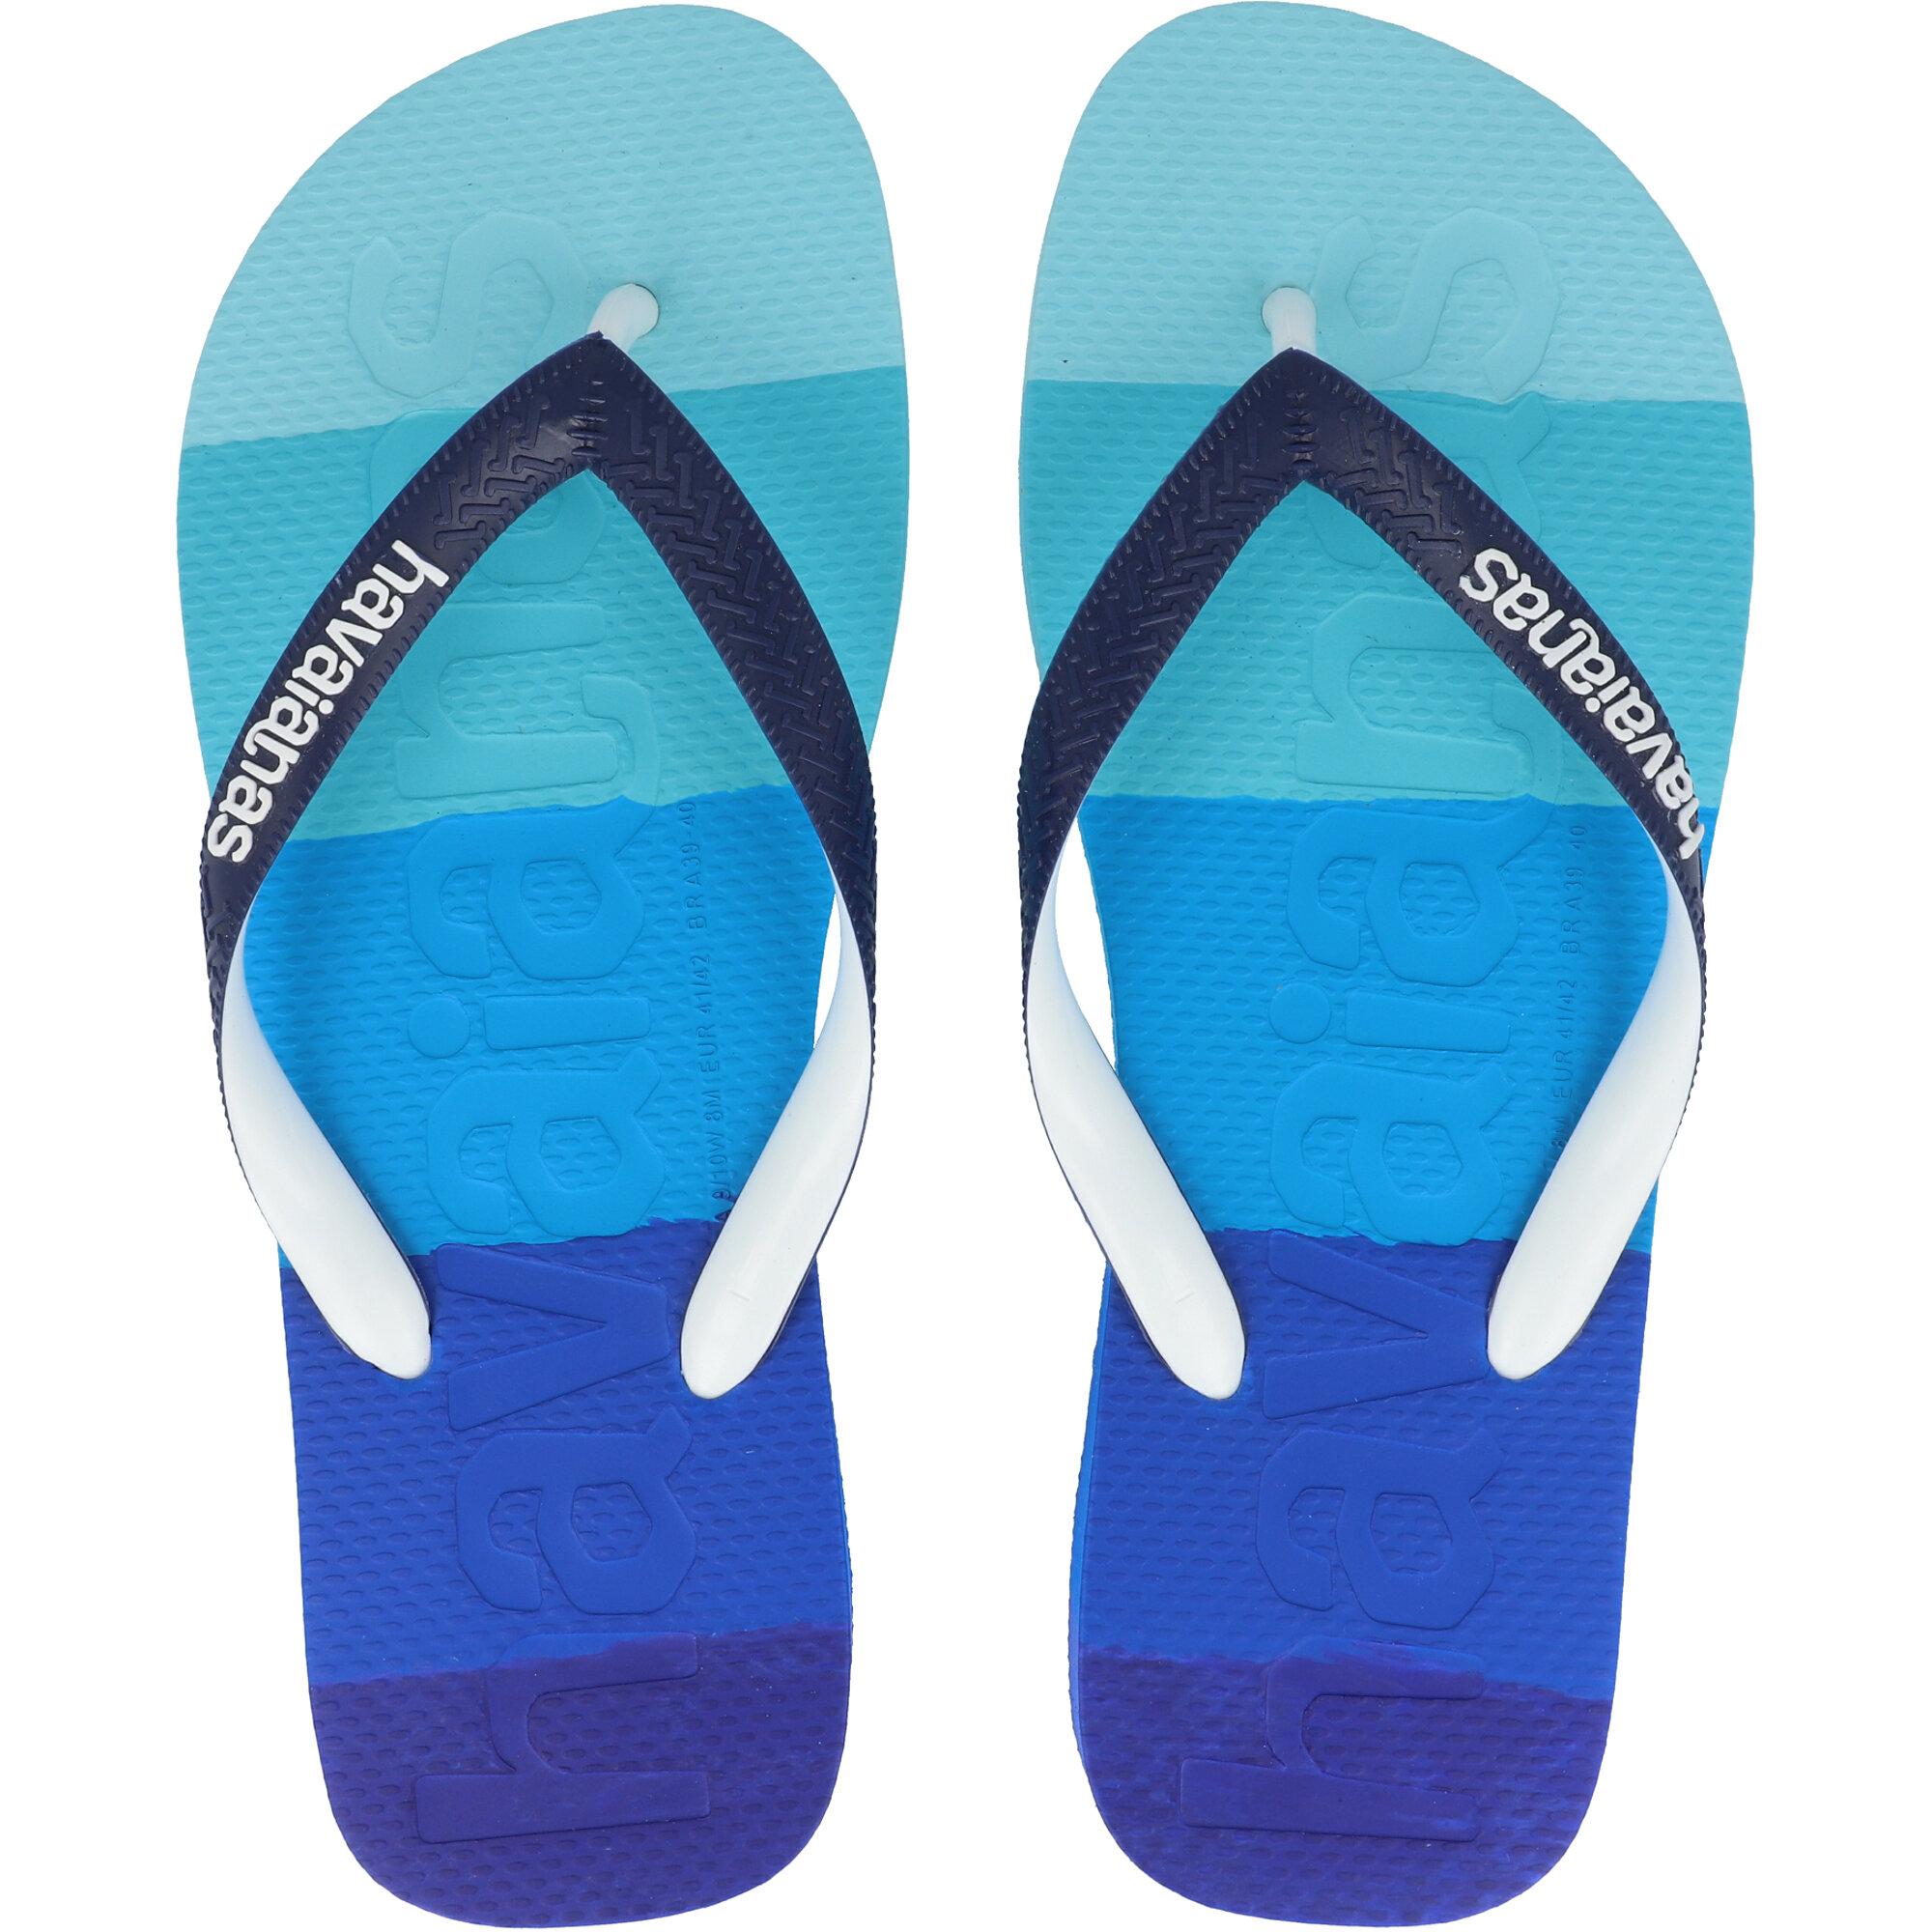 Havaianas Top Logomania Multicolor Gradient Marine Blue Rubber